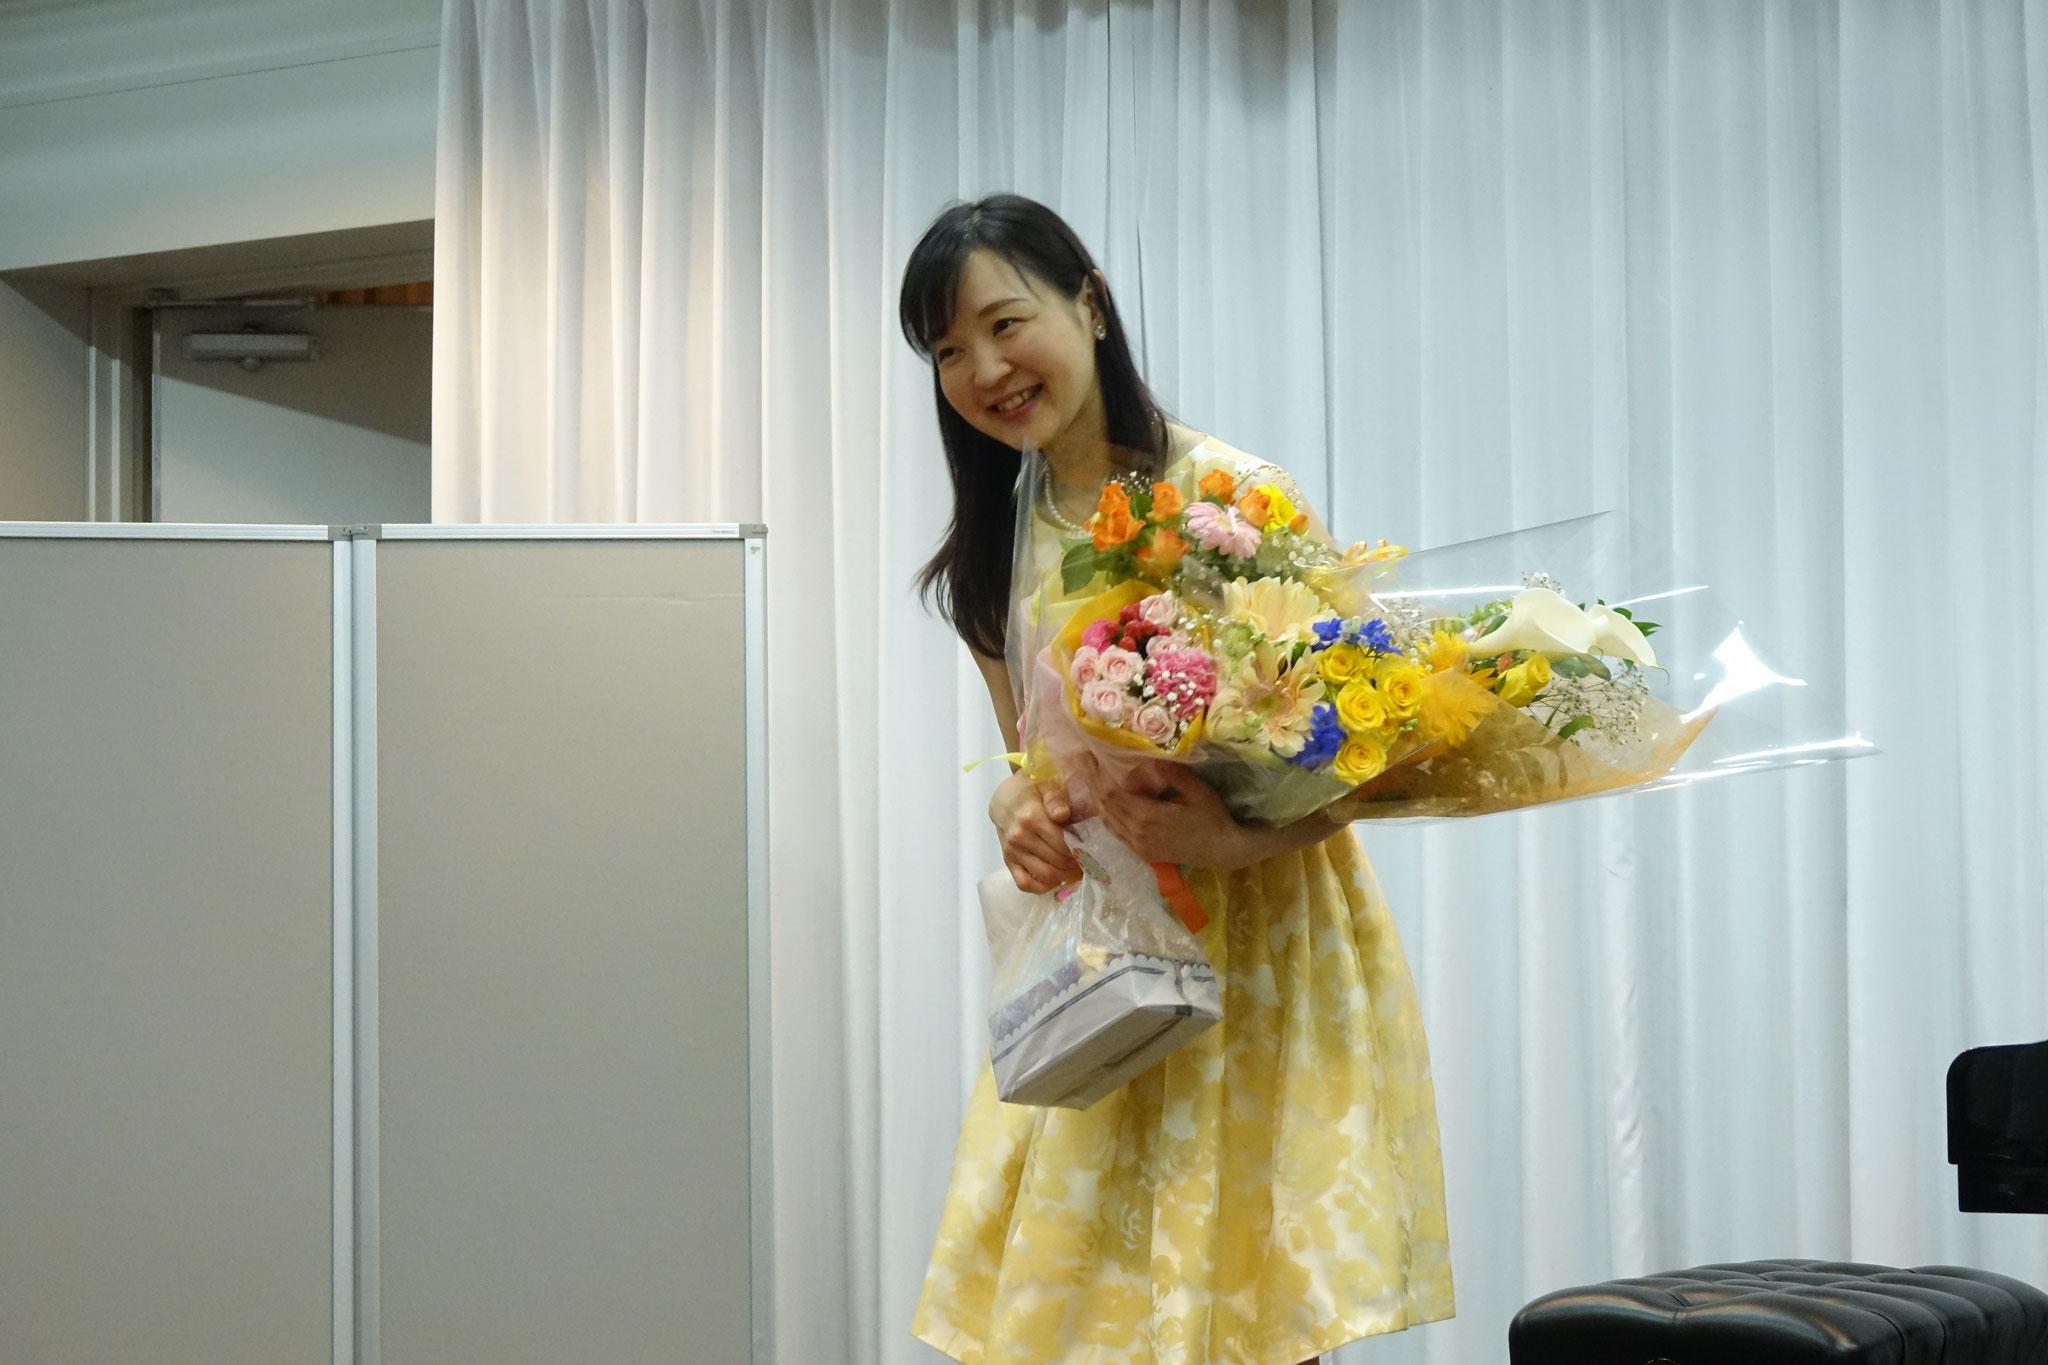 沢山のプレゼント、ありがとうございましたm(_ _)m